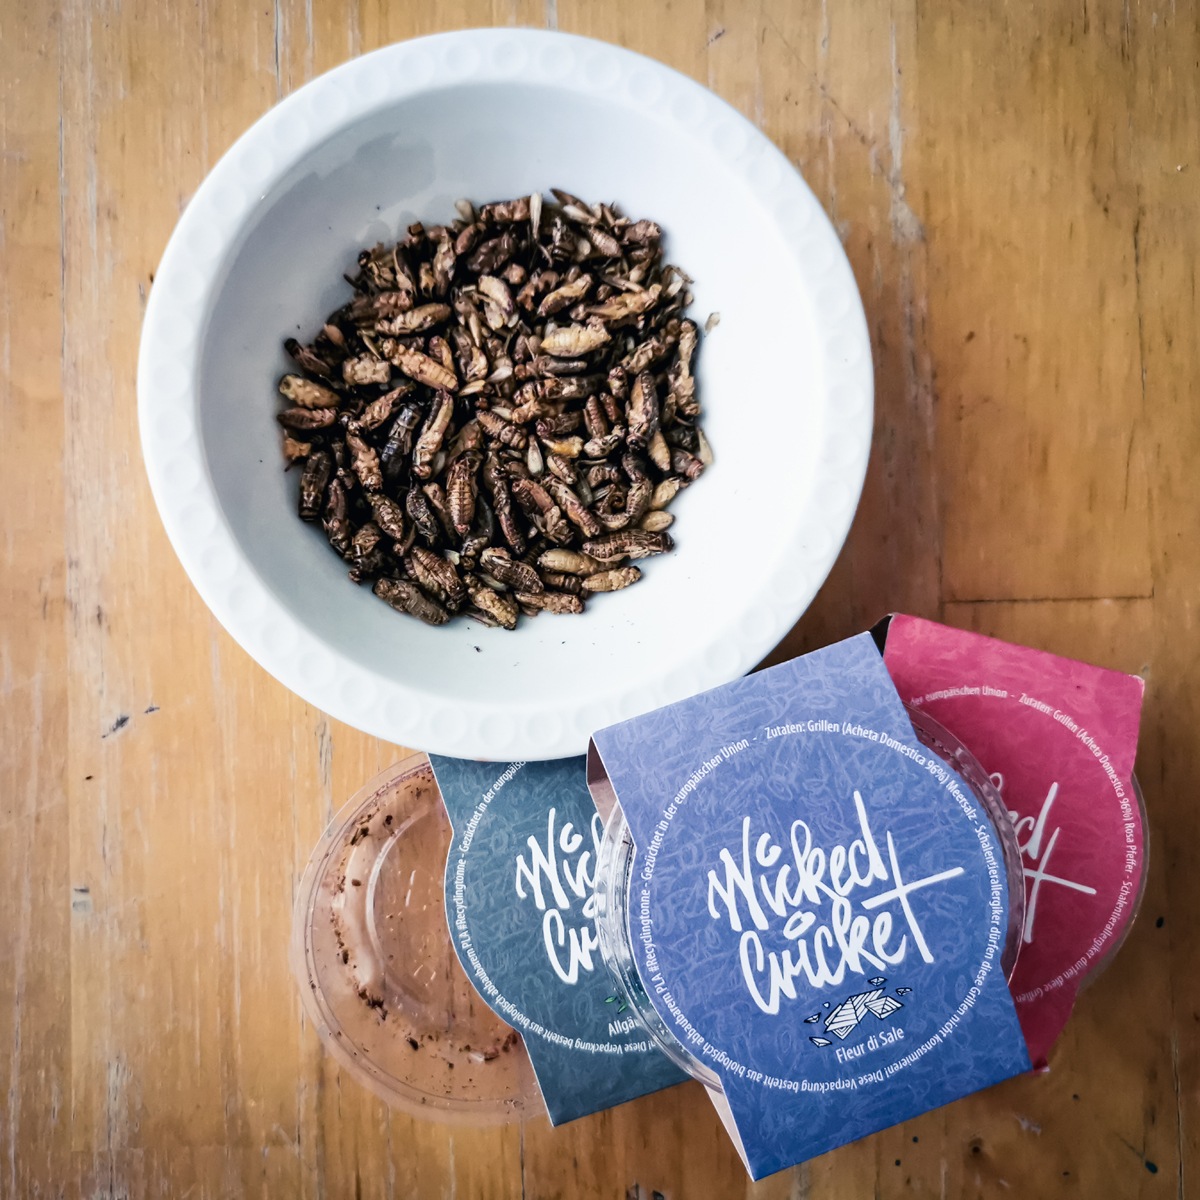 Insektenfood-Startup Wicked Cricked bietet geröstete und gewürzte Grillen als Snack